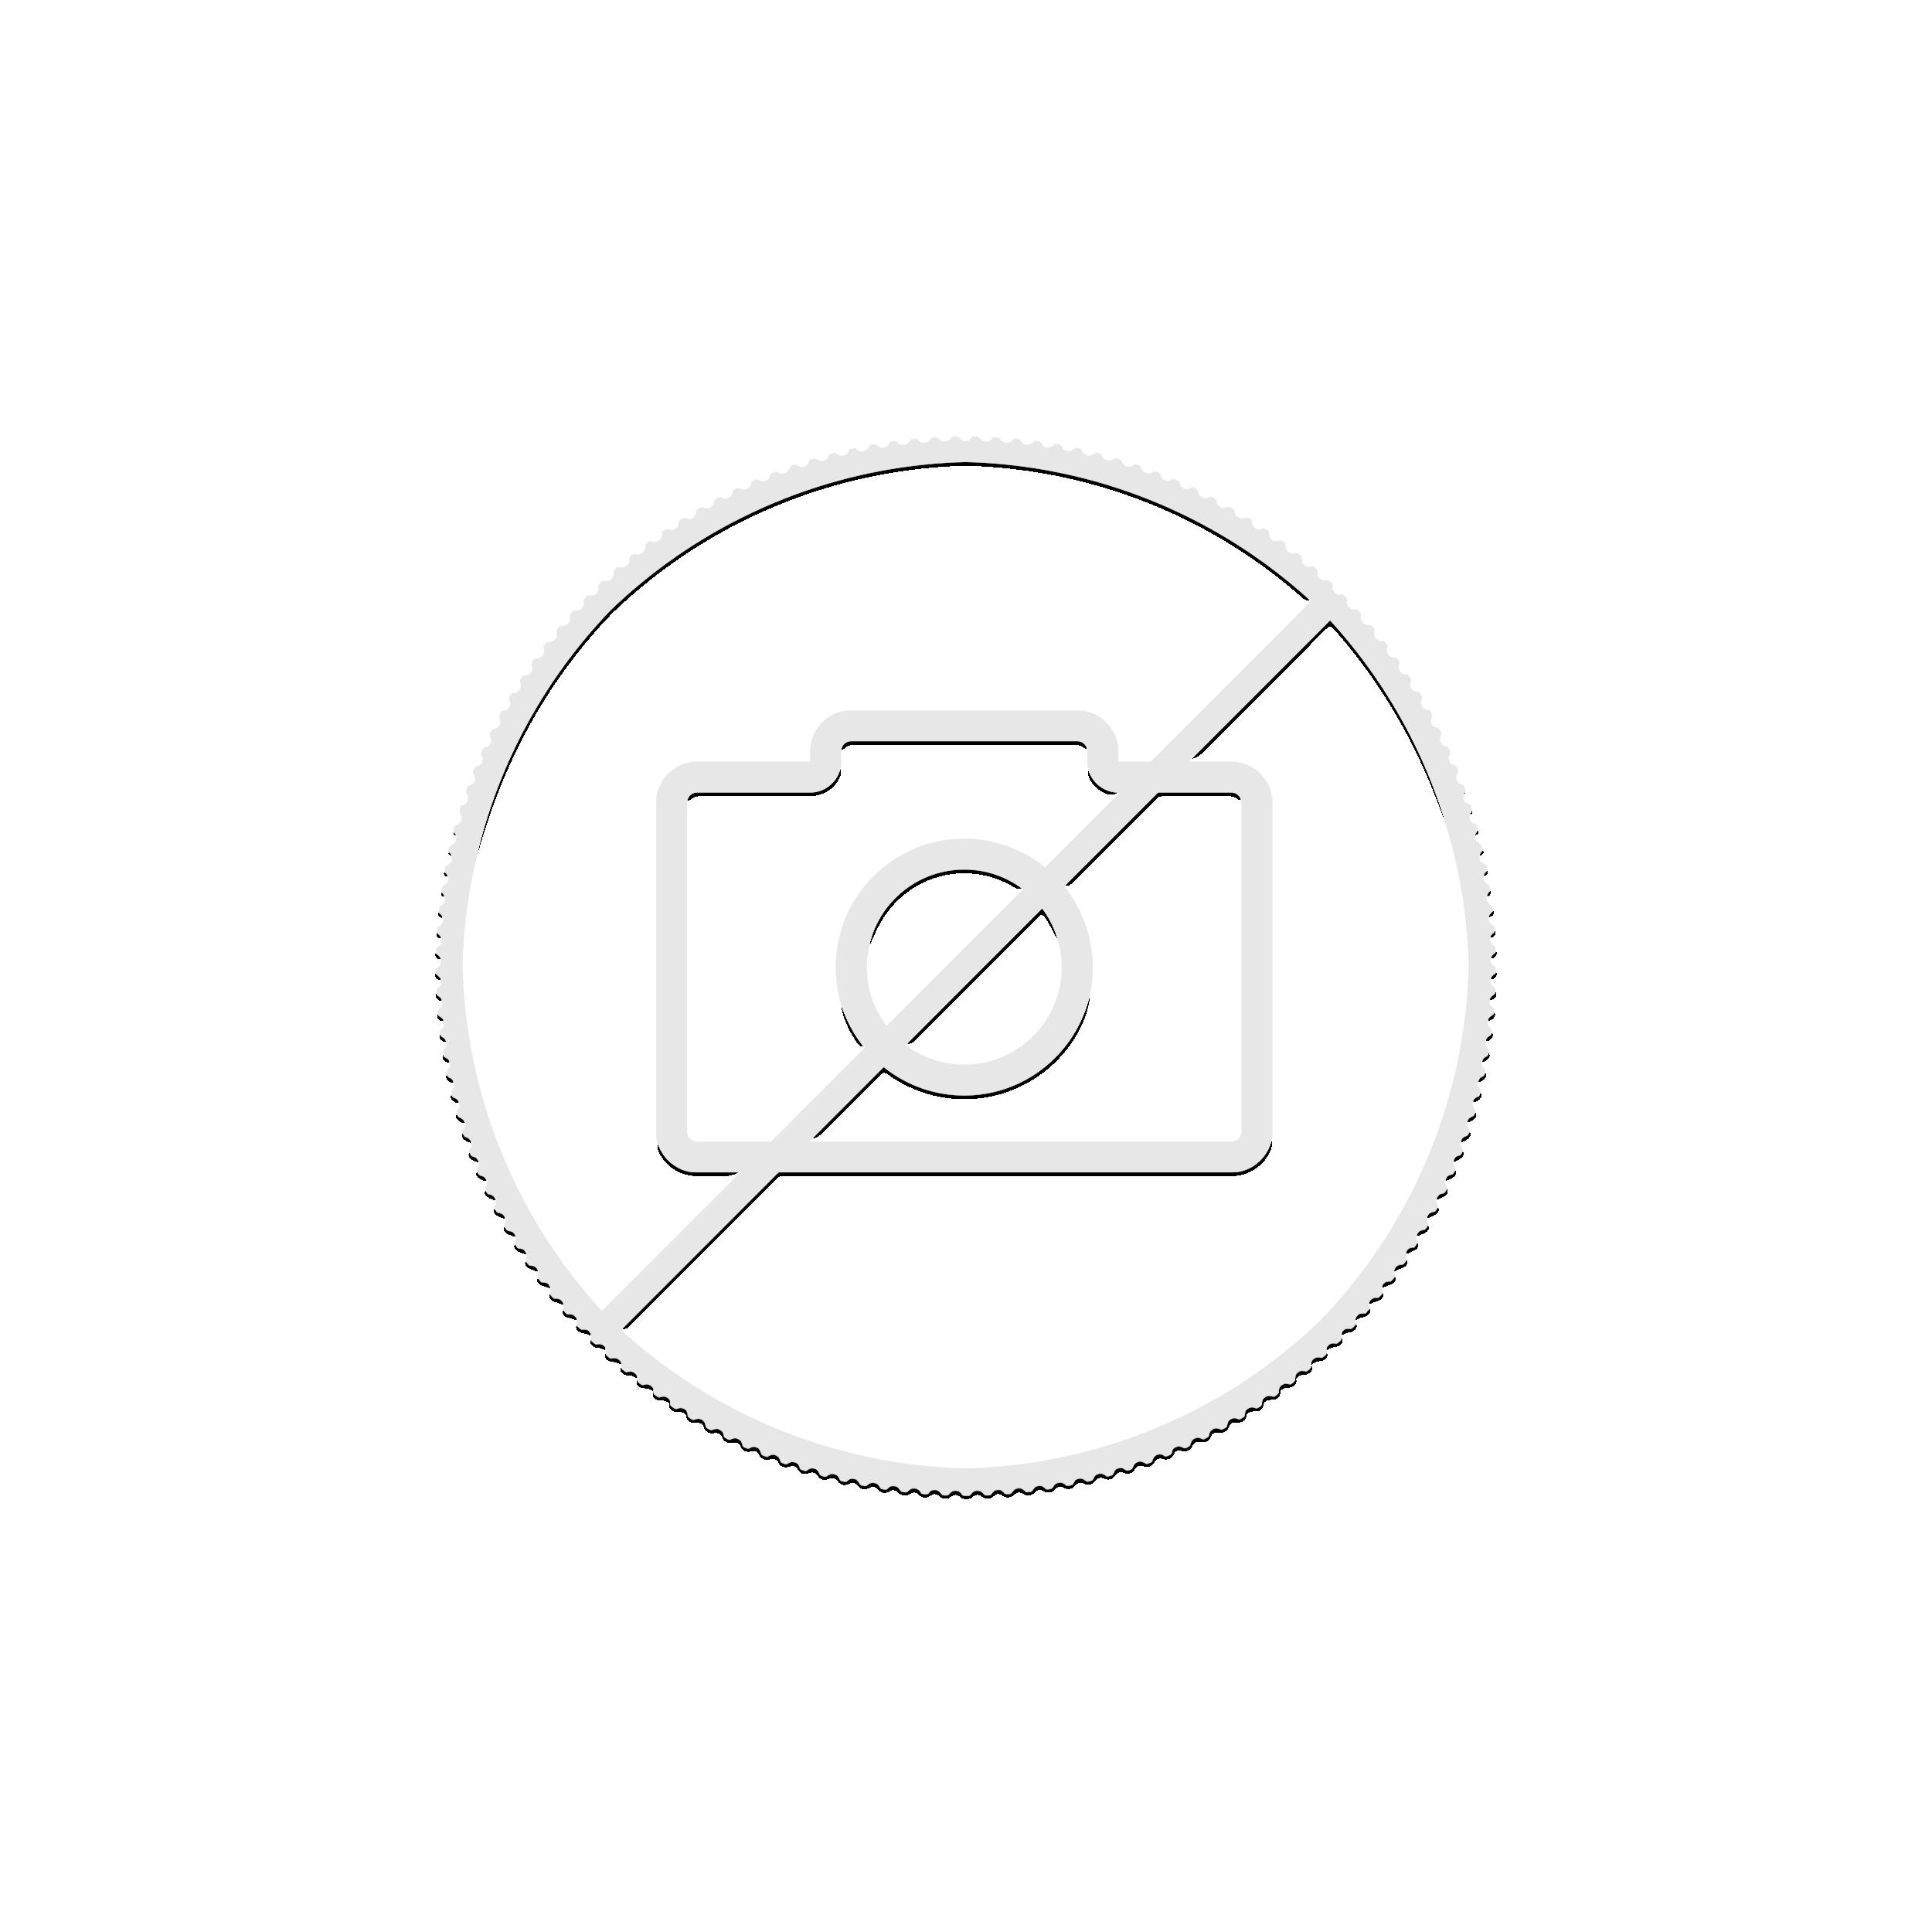 1,5 troy ounce zilveren munt wigstaartarent Bi-Metaal Proof 2020